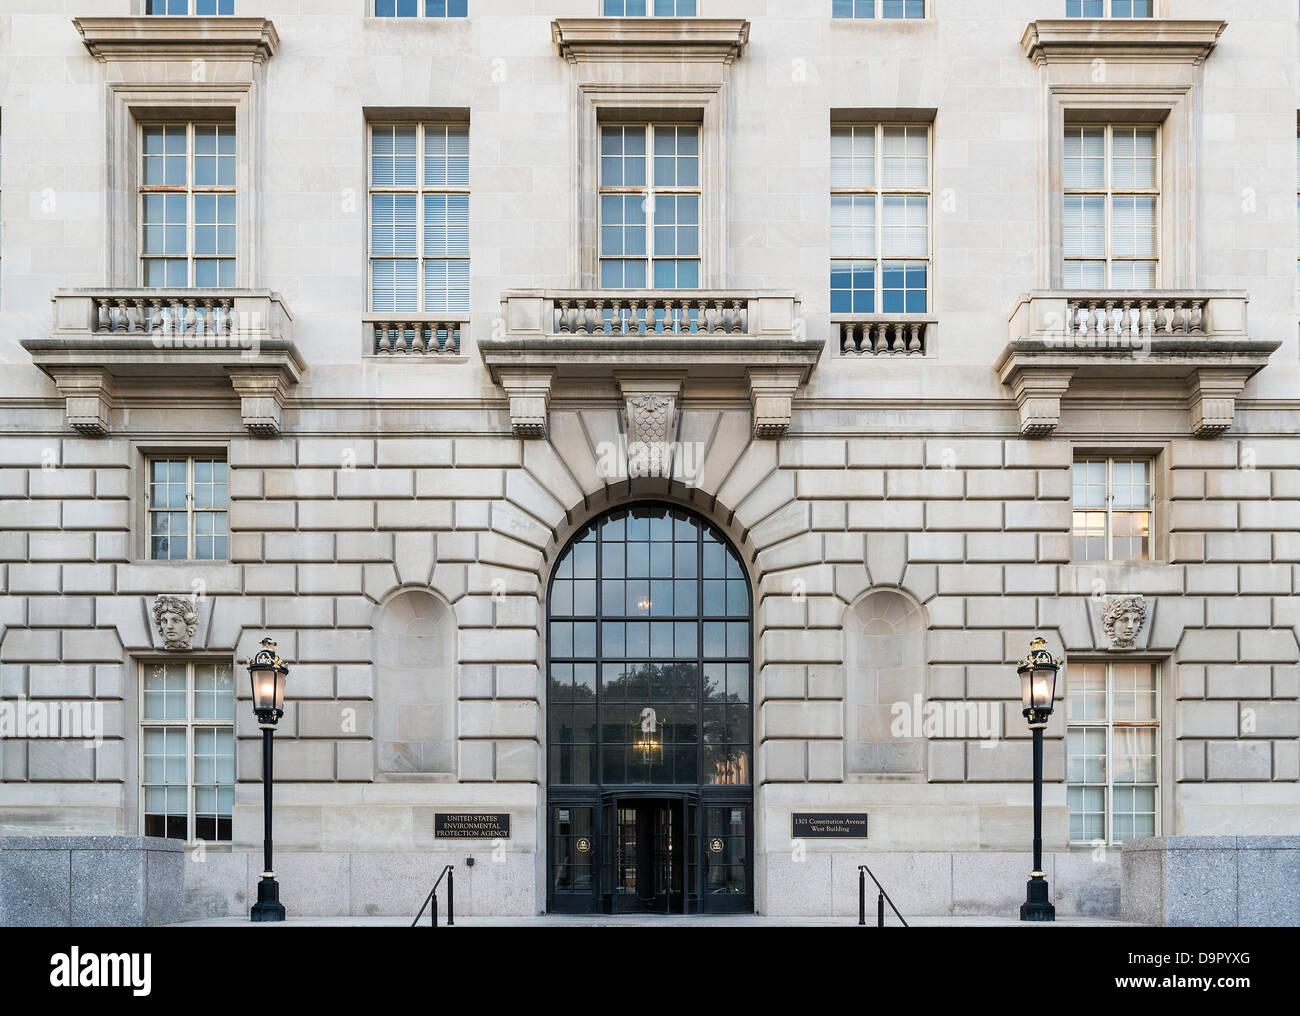 Edificio de la EPA, Agencia de Protección Ambiental de los Estados Unidos, Washington DC, EE.UU. Imagen De Stock